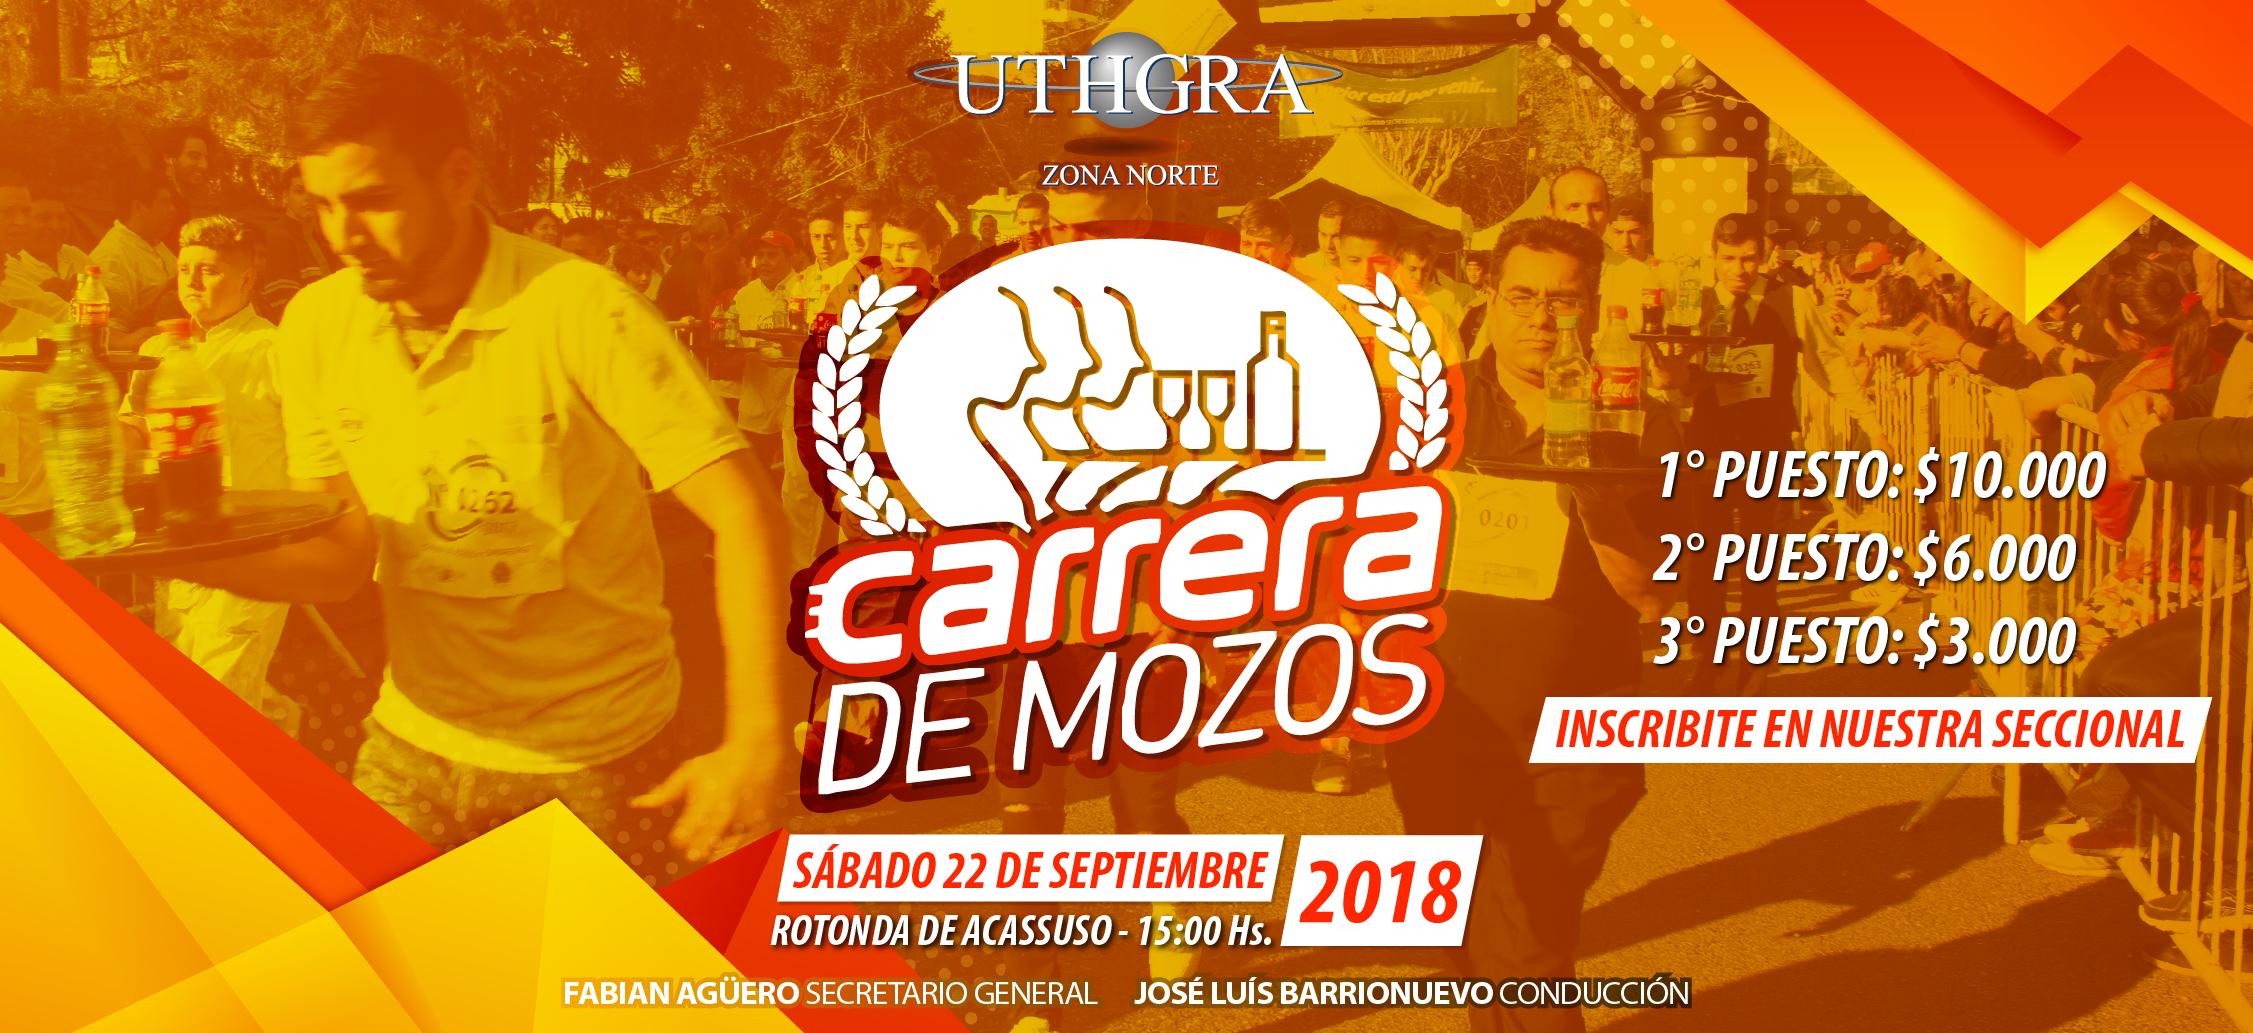 CARRERA DE MOZOS 2018